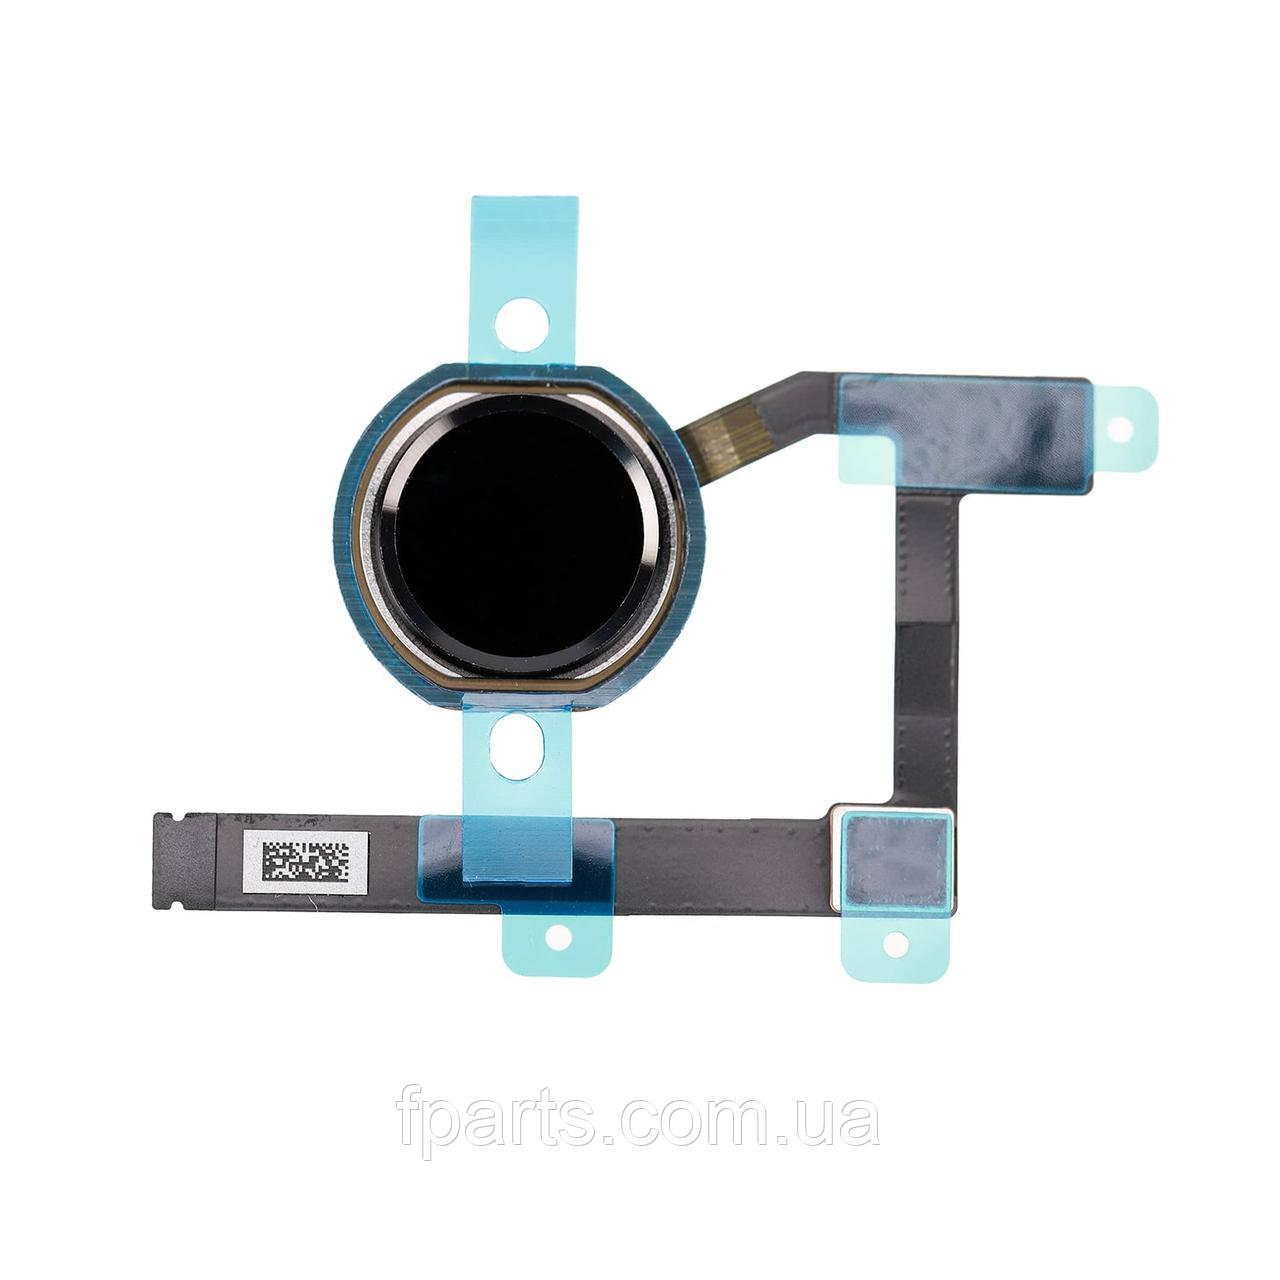 Шлейф iPad mini 5 (A2124, A2125, A2126, A2133) кнопка HOME, Black